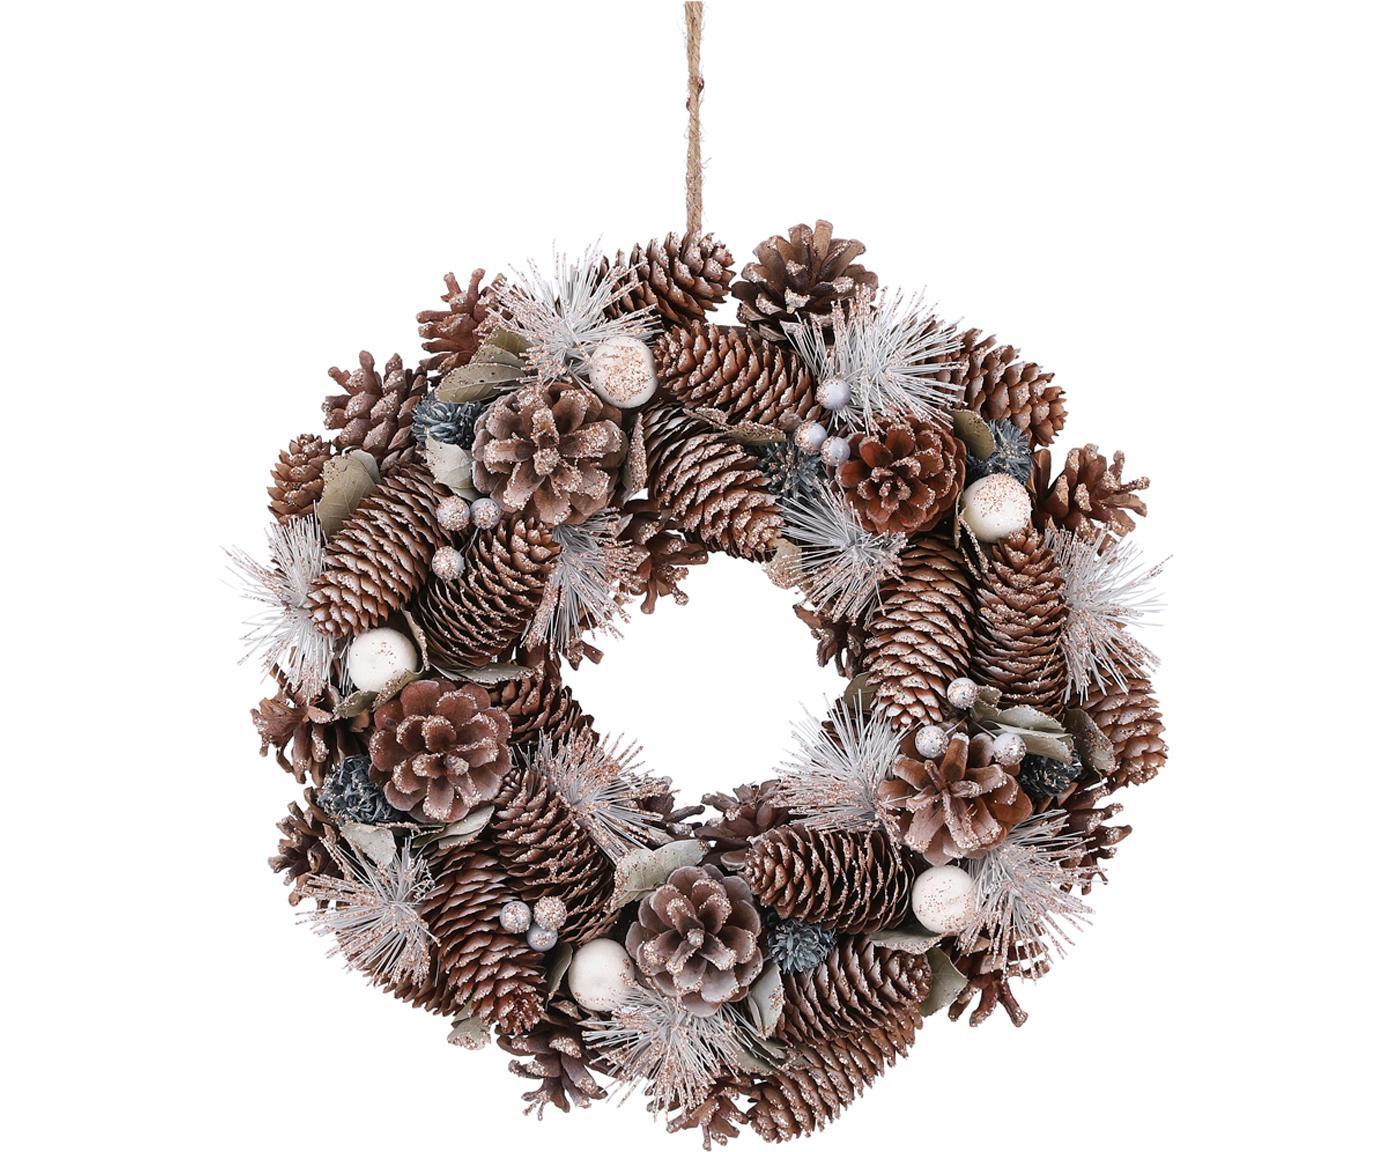 Kerstkrans Nicole, Natuurlijke vezels, Houtkleurig, wit, Ø 34 cm